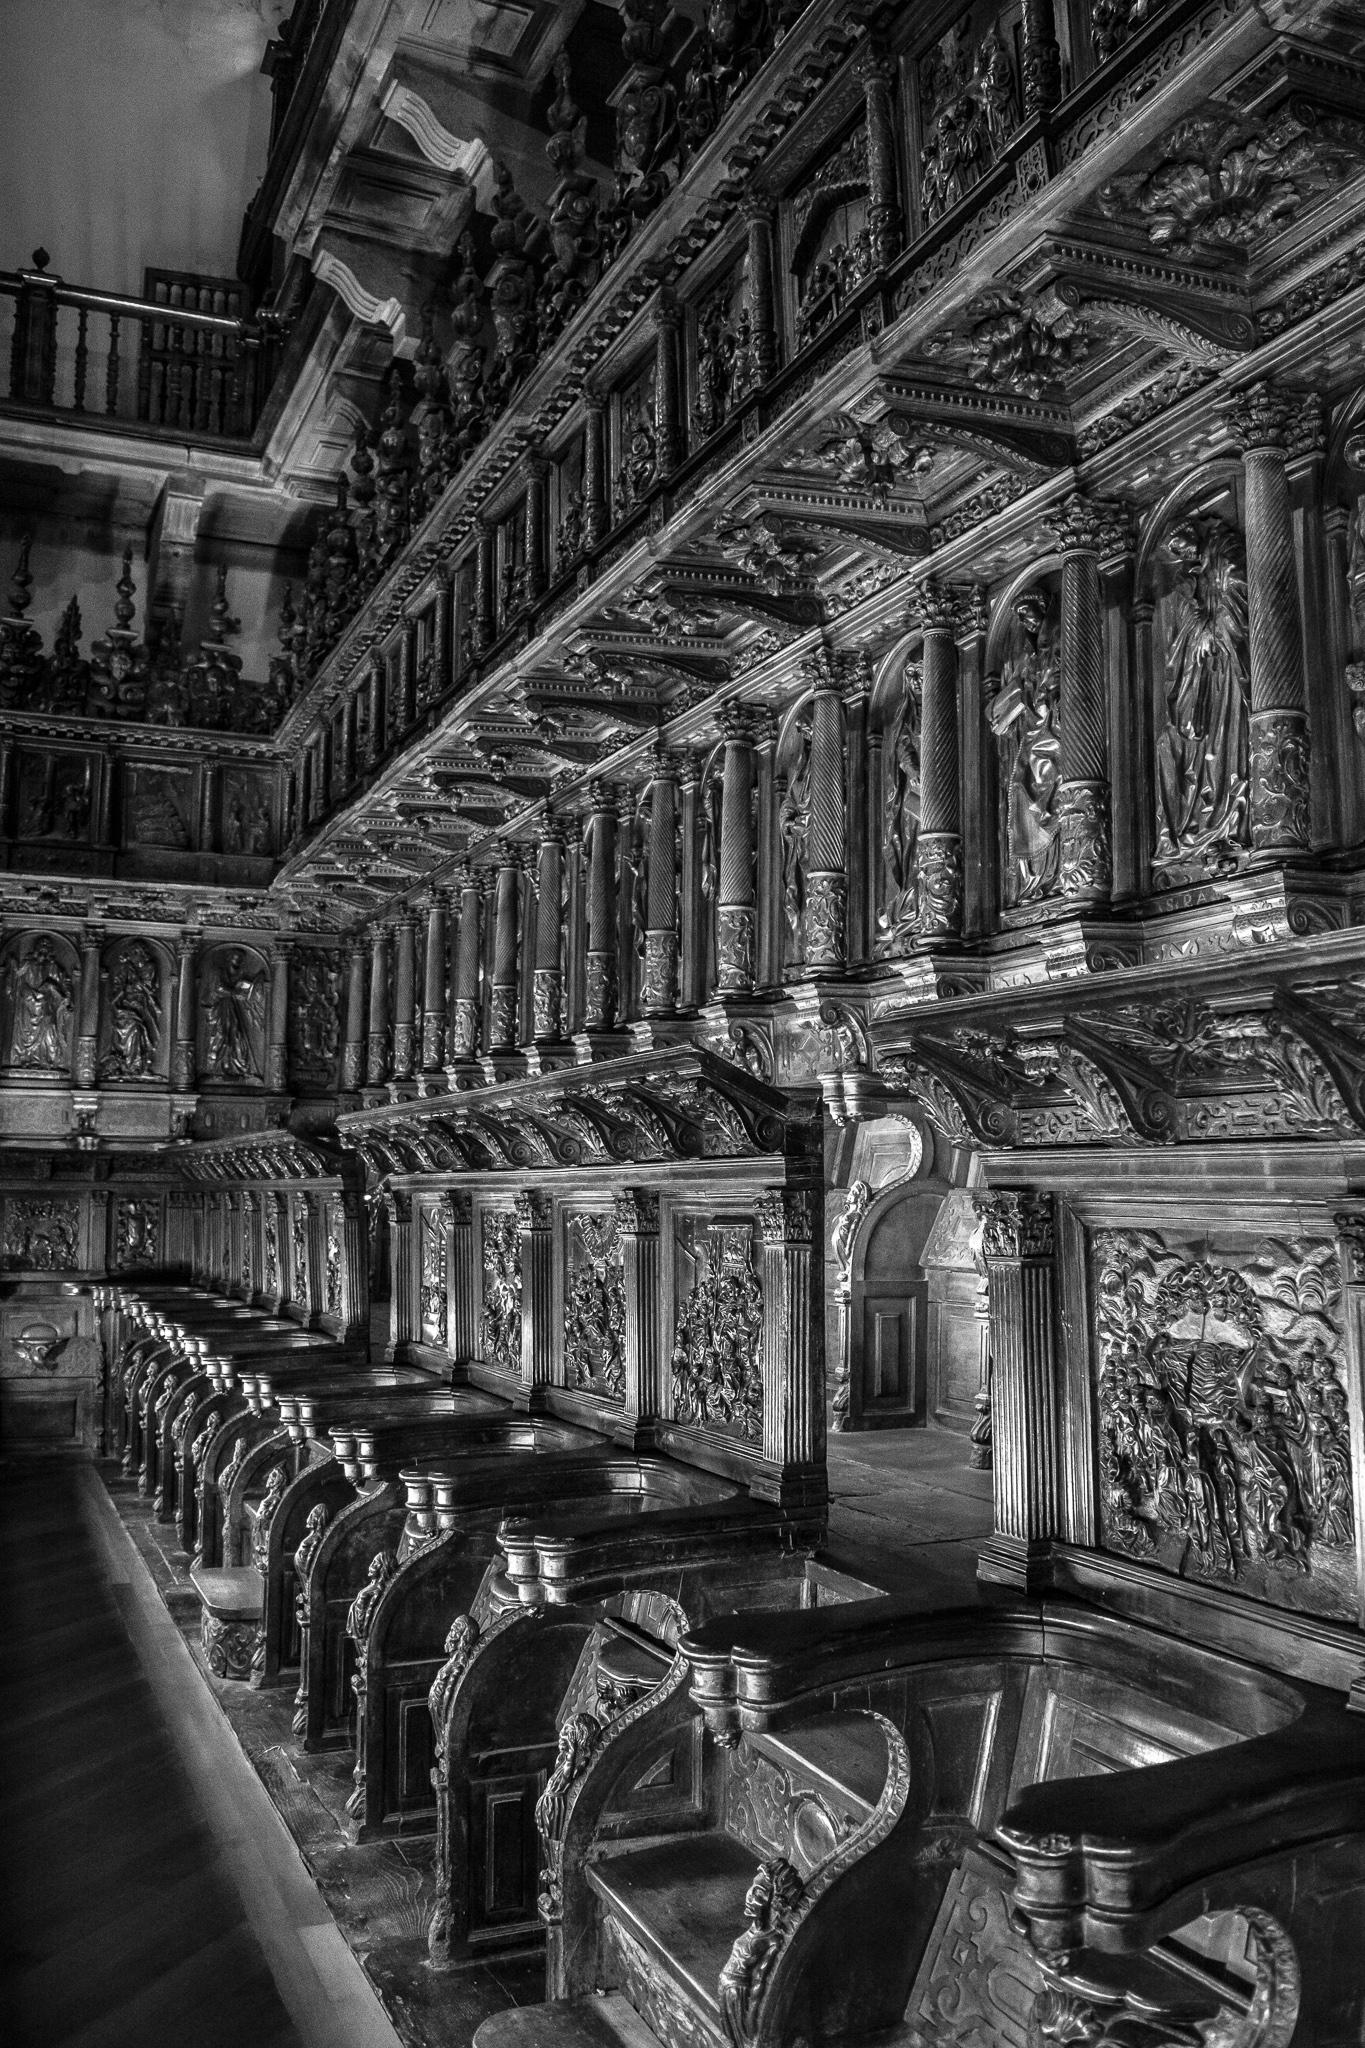 La sillería coral de estilo barroco que se encuentra en el museo de San Martín Pinario fue realizada por el escultor Mateo de Prado en el siglo XII.<br> La sillería, cuya función era la de los rezos comunitarios, muestra imágenes relacionadas con la Virgen y con la orden benedictina.